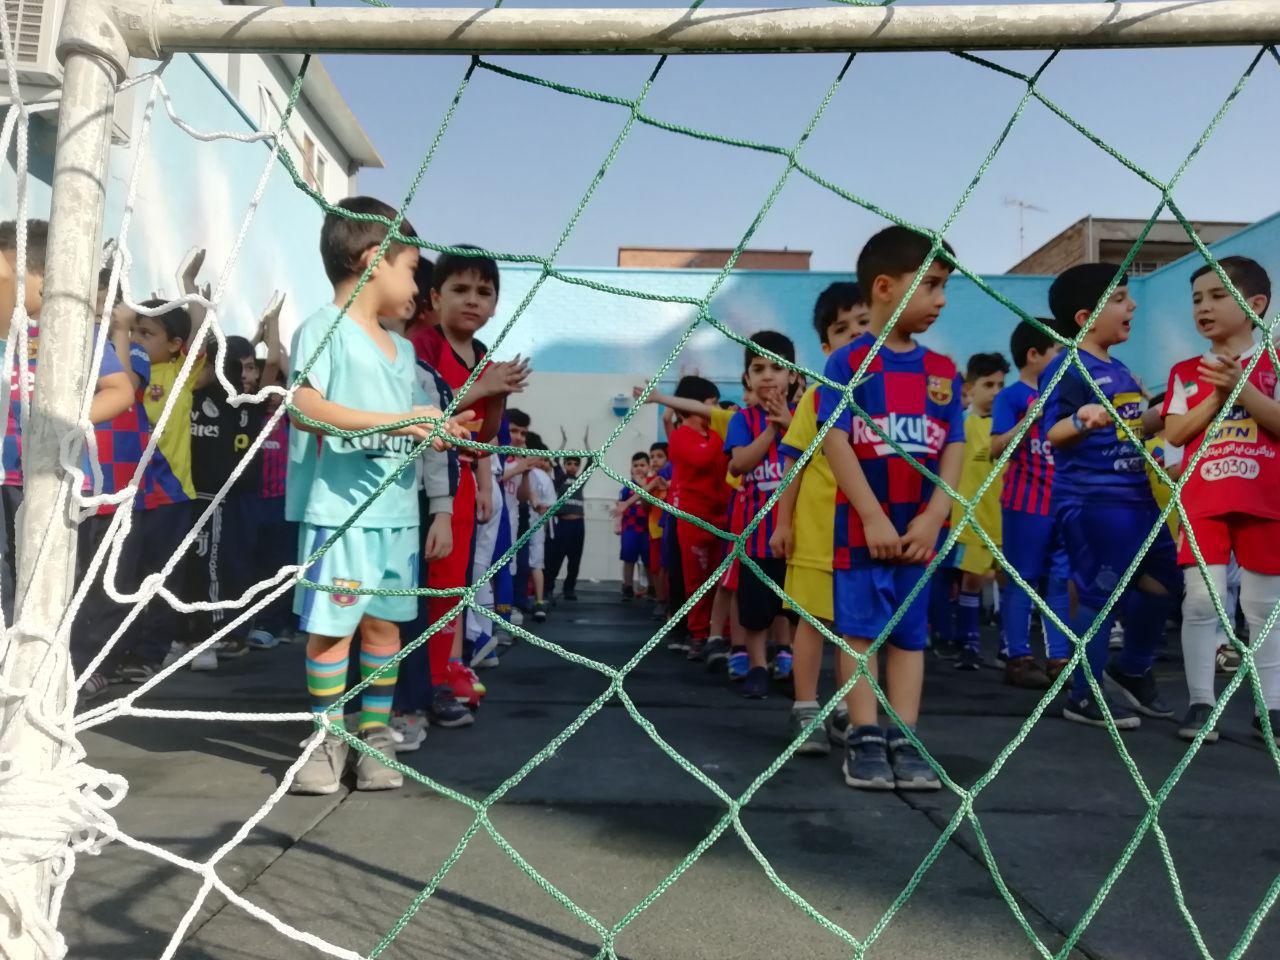 رئیس اداره ورزش و جوانان اهواز: سه گام هدف گذاری برای استعدادیابی در مدارس/ سرانه فضای ورزشی در سالهای اخیر 2 برابر شده